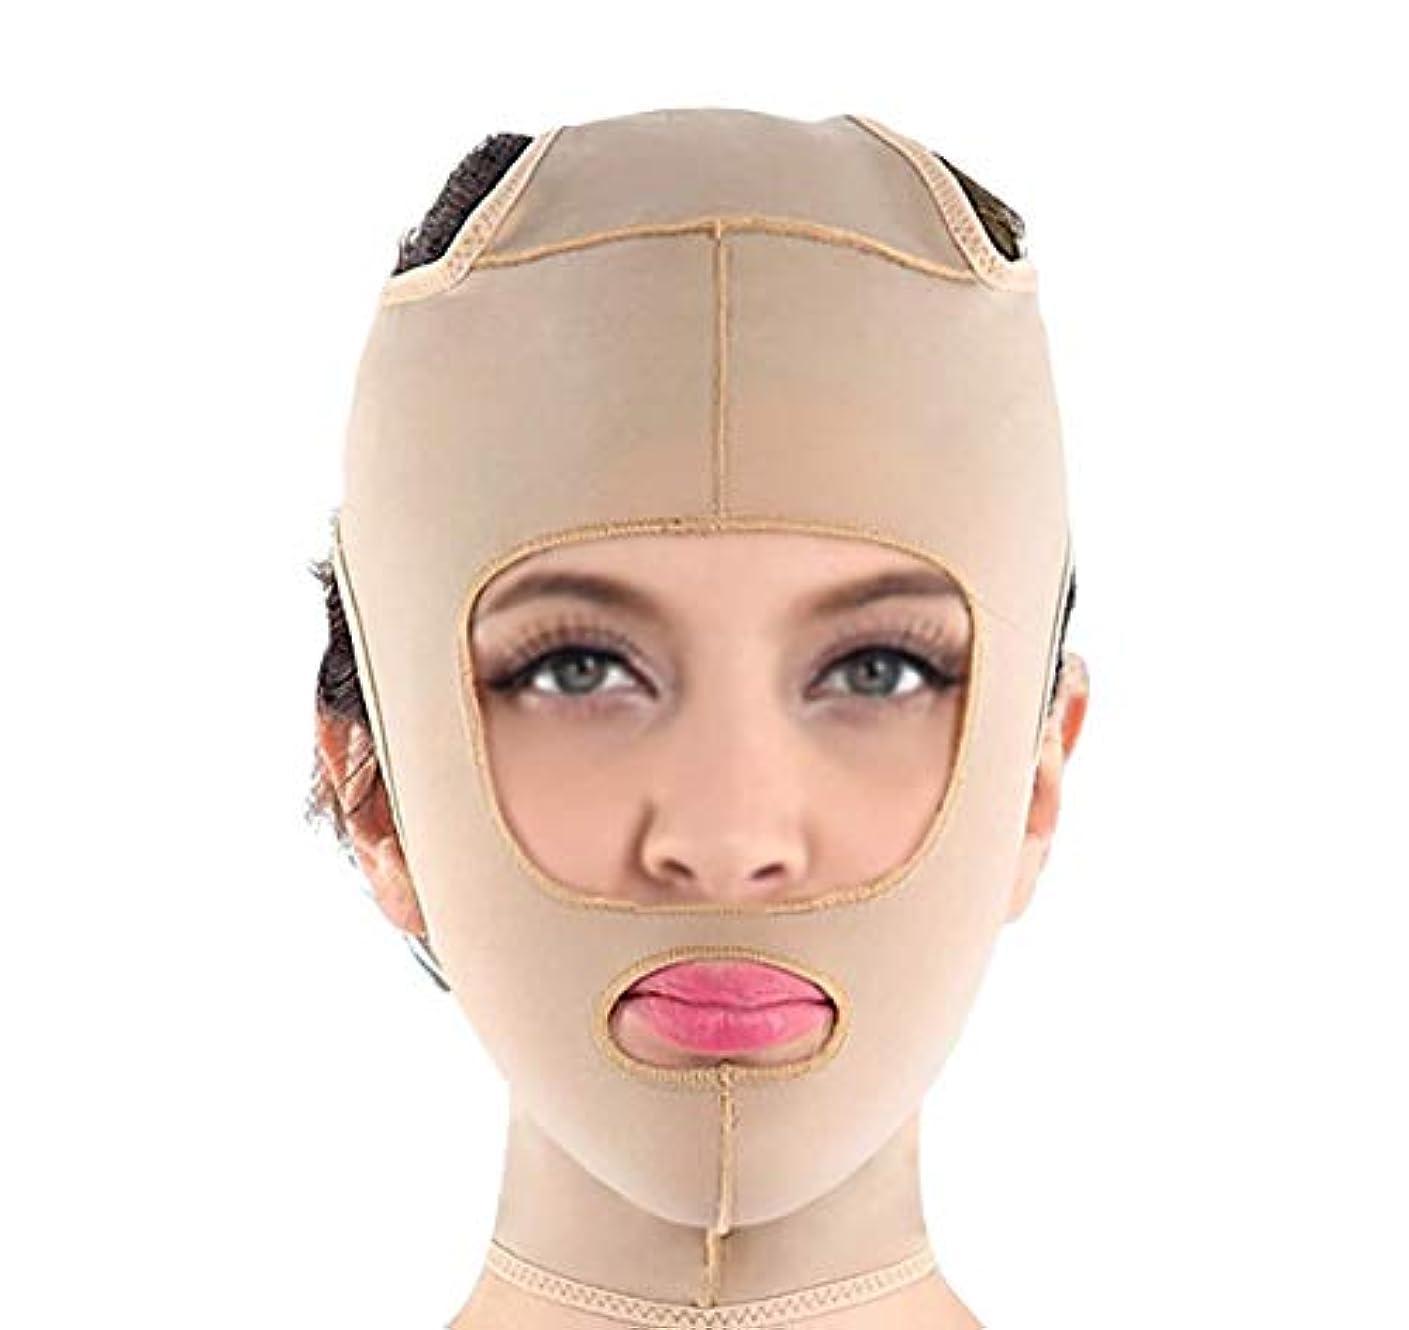 証人神経衰弱そよ風フェイスリフティングマスクで肌をしっかりと保ち、顔の筋肉の垂れ下がりや顔の美しい輪郭の整形を防止します(サイズ:Xl),ザ?